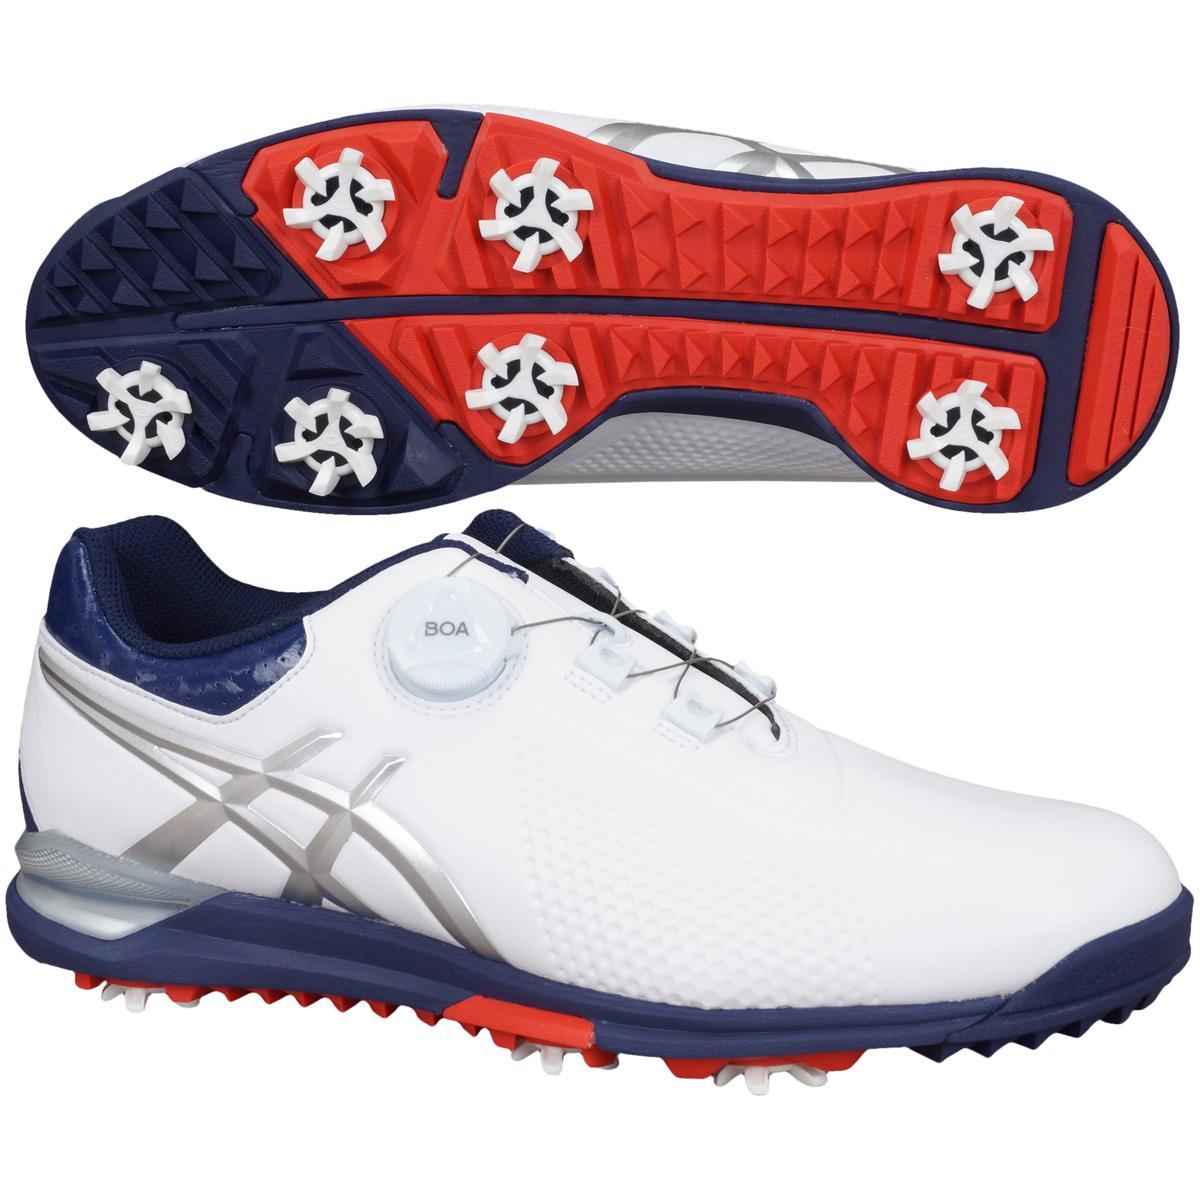 アシックス ASICS ゴルフシューズ[ゴルフ用品 GOLF GDO シューズ 靴 メンズ 男性用 メンズシューズ スポーツシューズ メンズスポーツシューズ おしゃれ スポーツ用品 通販 ]